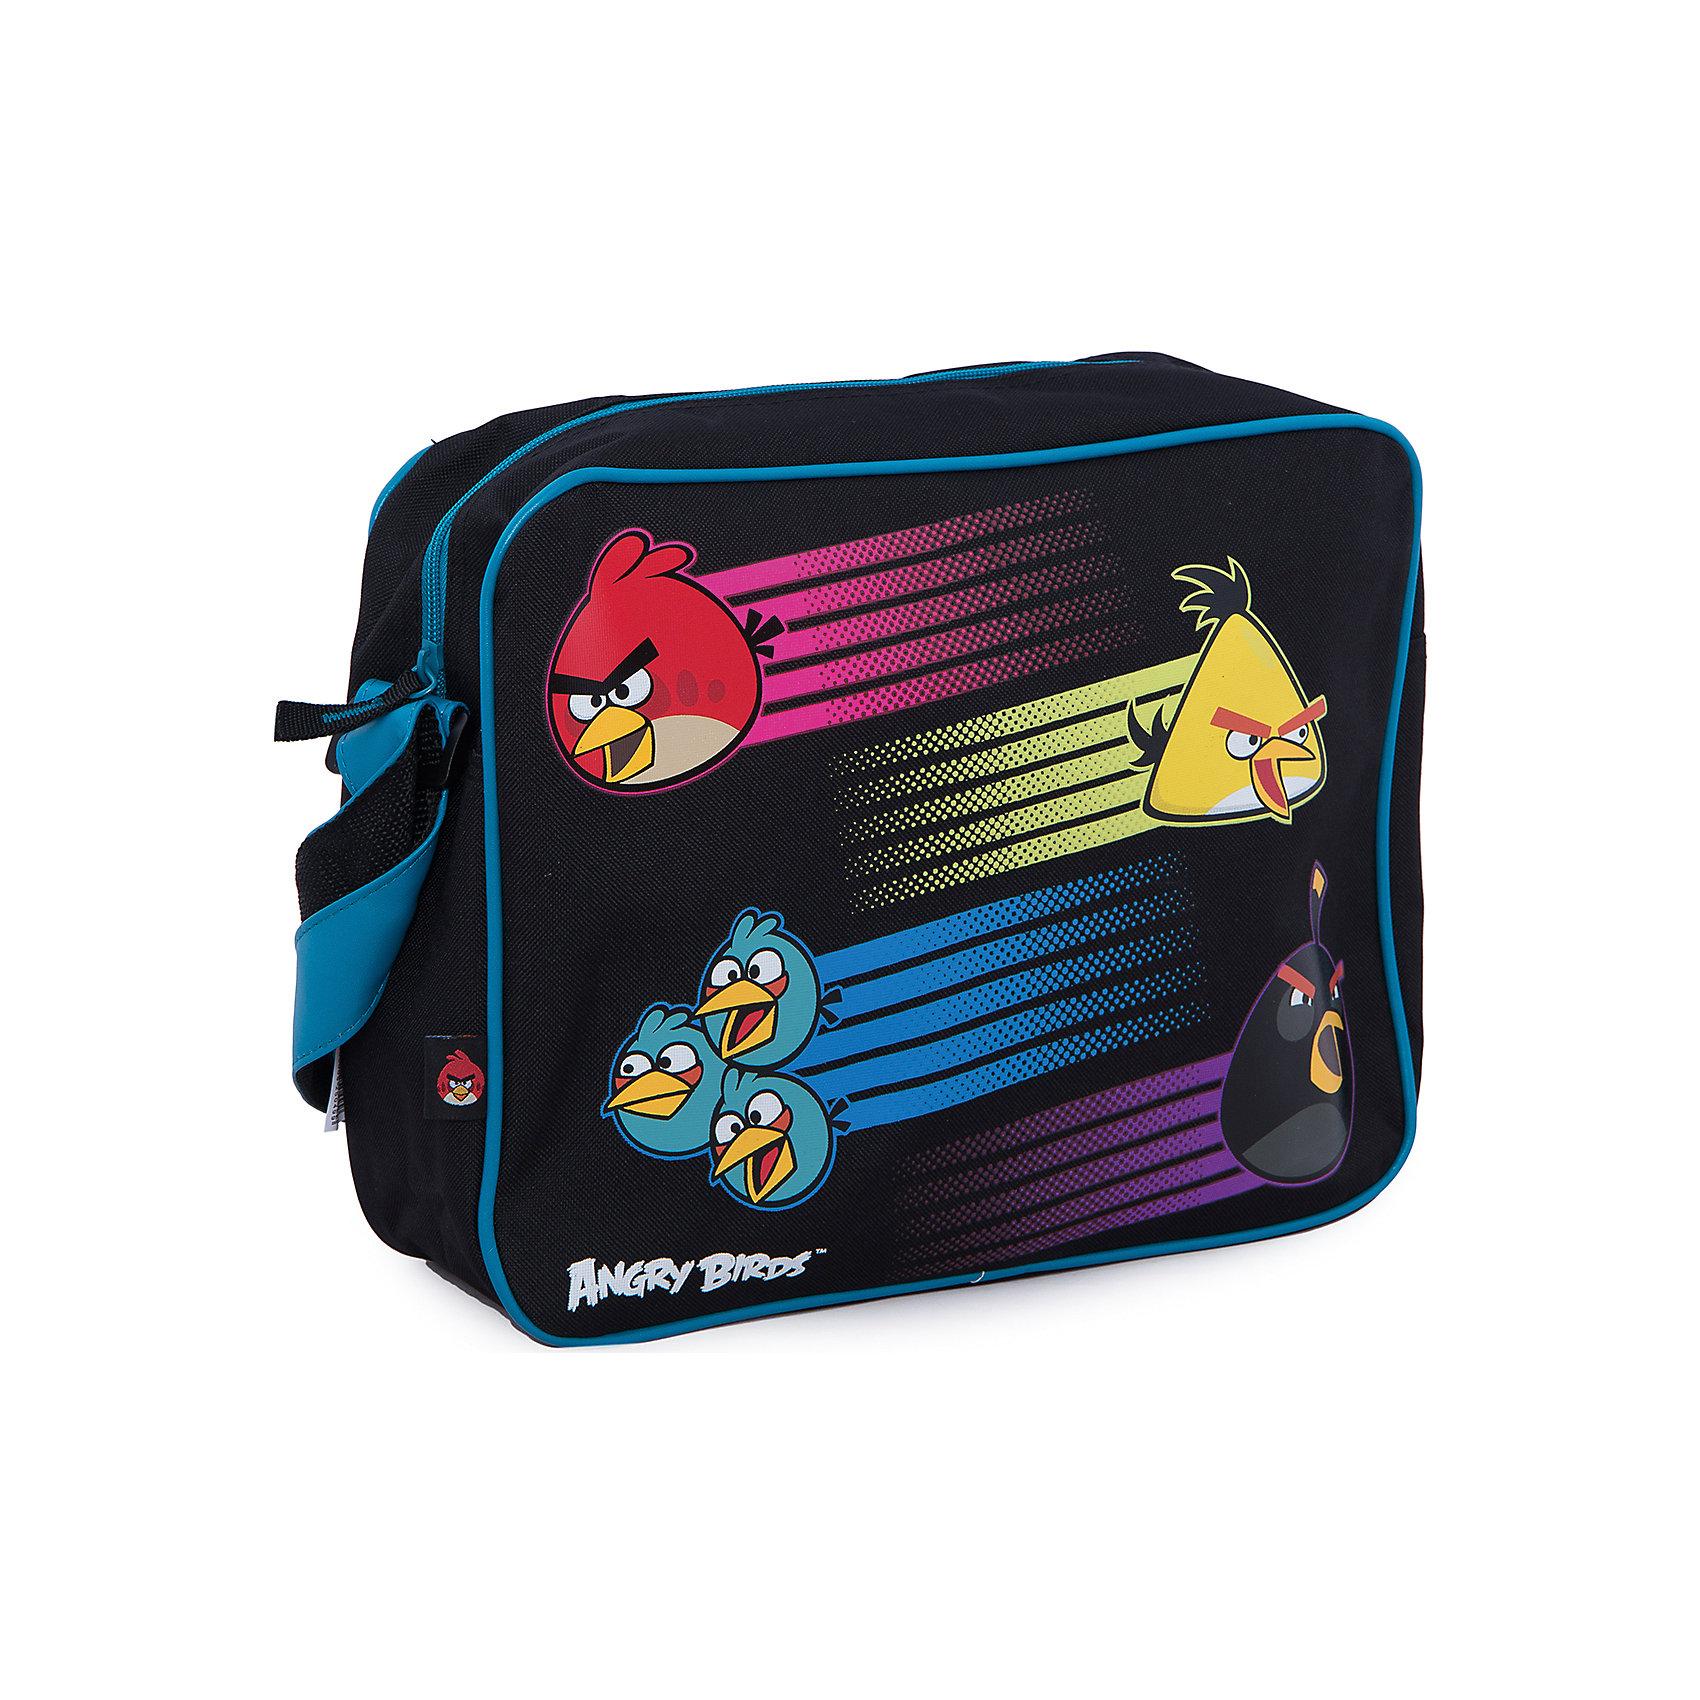 Сумка спортивная, Angry BirdsСумка спортивная, Angry Birds (Энгри Бердс) – наверняка понравится Вашему ребенку, поклоннику игры Angry Birds.<br>Качественная, оригинальная, спортивная сумка через плечо, которая подчеркнет индивидуальность и стиль ее владельца. Об этой сумке можно сказать только положительные слова: она качественная, удобная, небольшая, но в тоже время вместительная. Имеет одну шлейку через плечо сменной длины. Застегивается на молнию. <br><br>Дополнительная информация:<br><br>- Размер: 27х35х11 см.<br><br>Сумку спортивную, Angry Birds (Злые Птички) можно купить в нашем интернет-магазине.<br><br>Ширина мм: 270<br>Глубина мм: 350<br>Высота мм: 110<br>Вес г: 500<br>Возраст от месяцев: 120<br>Возраст до месяцев: 144<br>Пол: Унисекс<br>Возраст: Детский<br>SKU: 3563261